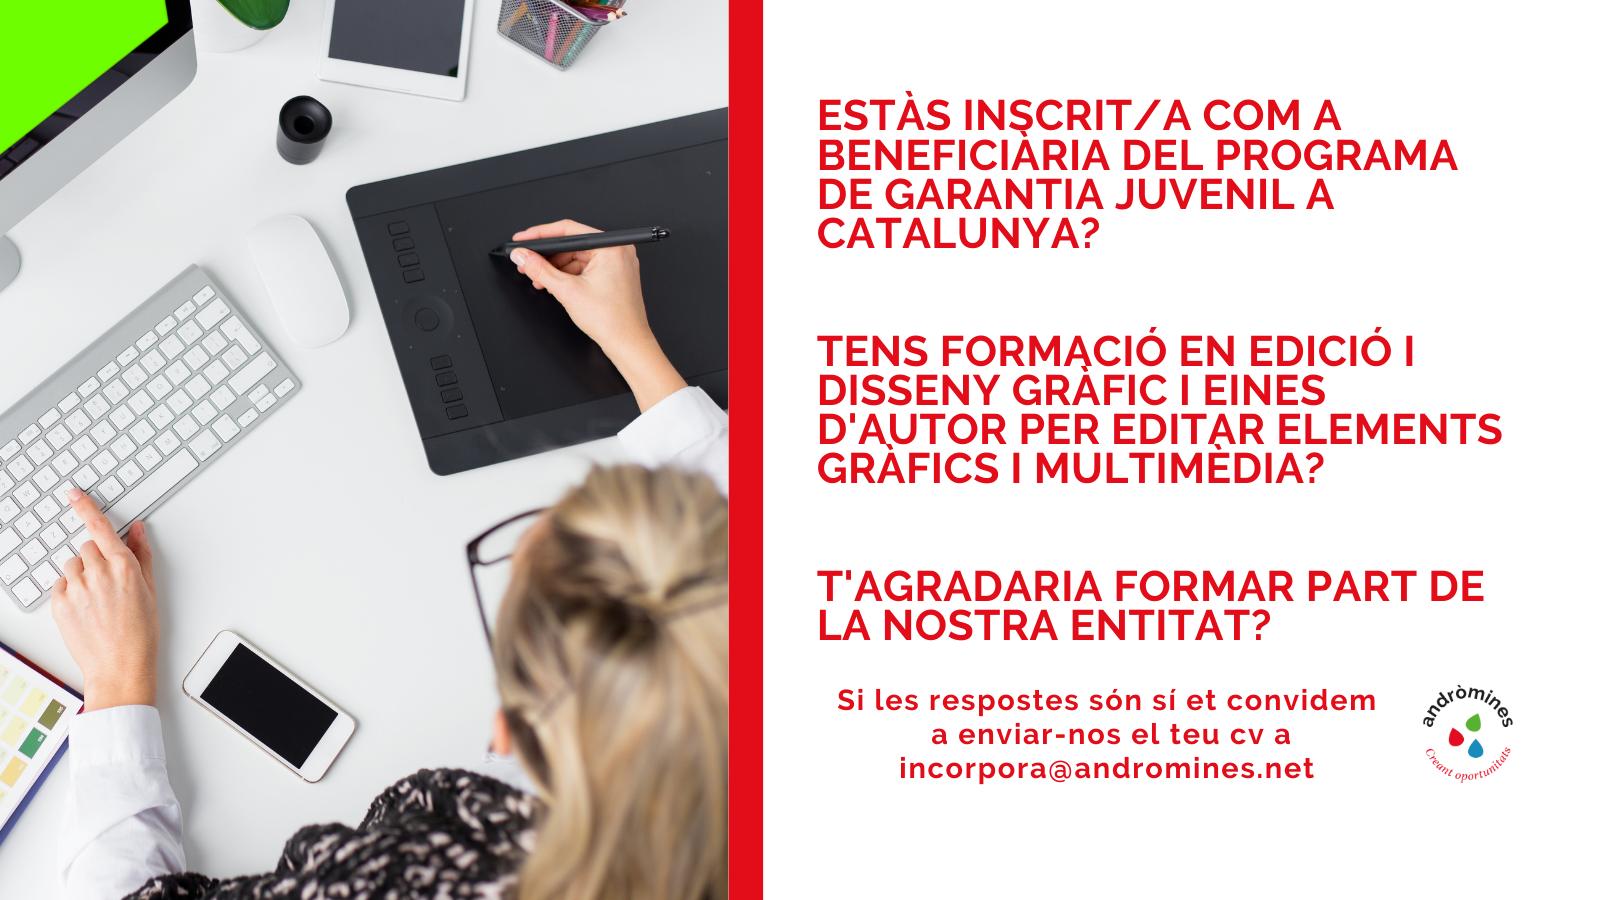 Oferta de treball dissenyador/a d'elements gràfics i multimèdia